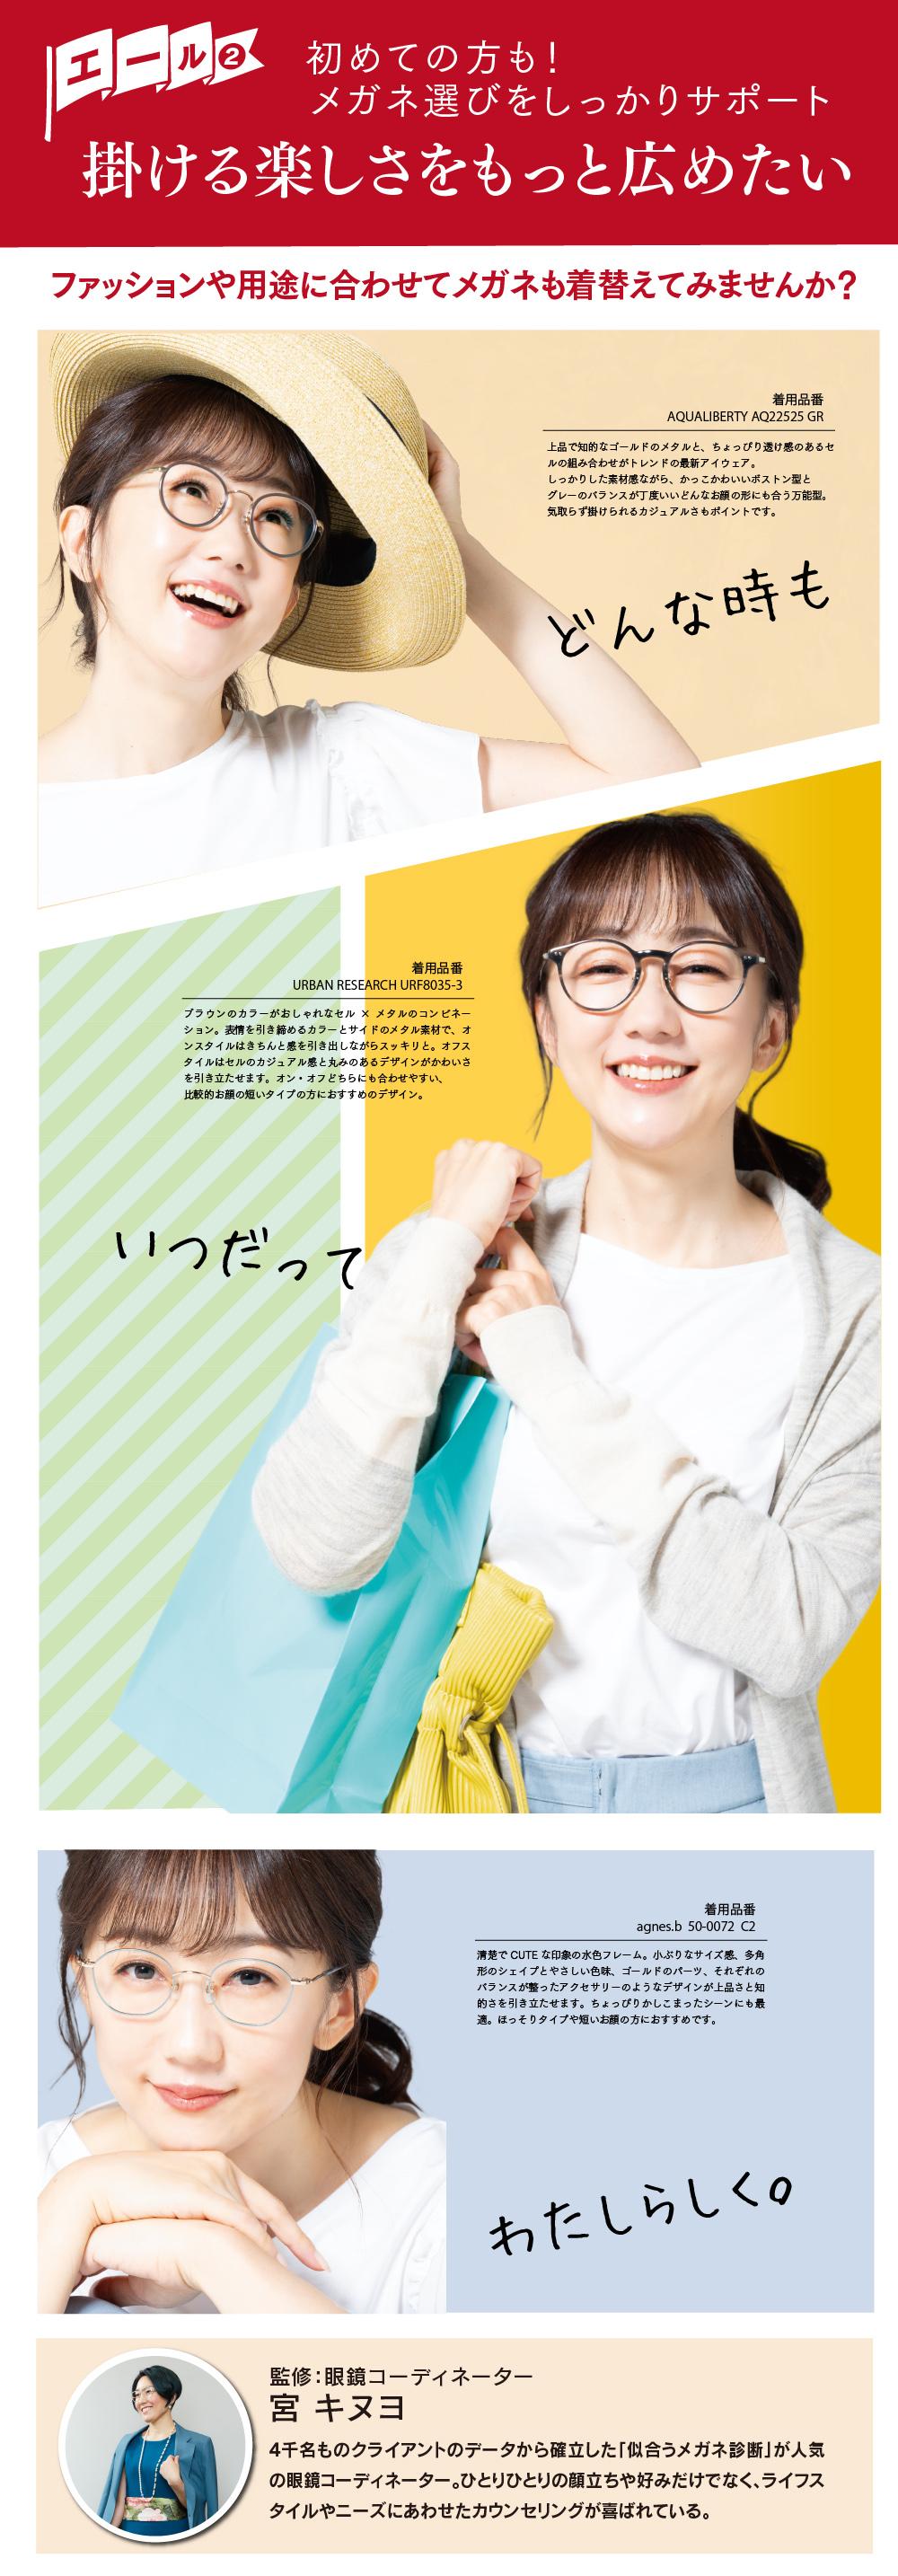 初めての方も! メガネ選びをしっかりサポート 掛ける楽しさをもっと広めたい ファッションや用途に合わせてメガネも着替えてみませんか? AQUALIBERTY AQ22525 GR 上品で知的なゴールドのメタルと、ちょっぴり透け感のあるセルの組み合わせが トレンドの最新アイウェア。 しっかりした素材感ながら、かっこかわいいボストン型とグレーのバランスが丁度いい どんなお顔の形にも合う万能型。気取らず掛けられるカジュアルさもポイントです。   URBAN RESEARCH URF8035-3 ブラウンのカラーがおしゃれなセル×メタルのコンビネーション。 表情を引き締めるカラーとサイドのメタル素材で、オンスタイルはきちんと感を引き出しながら スッキリと。オフスタイルはセルのカジュアル感と丸みのあるデザインがかわいさを引き立たせ ます。オン・オフどちらにも合わせやすい、比較的お顔の短いタイプの方におすすめのデザイン。   agnes.b  50-0072  C2 清楚でCUTEな印象の水色フレーム。 小ぶりなサイズ感、多角形のシェイプとやさしい色味、ゴールドのパーツ、それぞれのバランスが 整ったアクセサリーのようなデザインが上品さと知的さを引き立たせます。 ちょっぴりかしこまったシーンにも最適。ほっそりタイプや短いお顔の方におすすめです。  どんな時もいつだってわたしらしく。